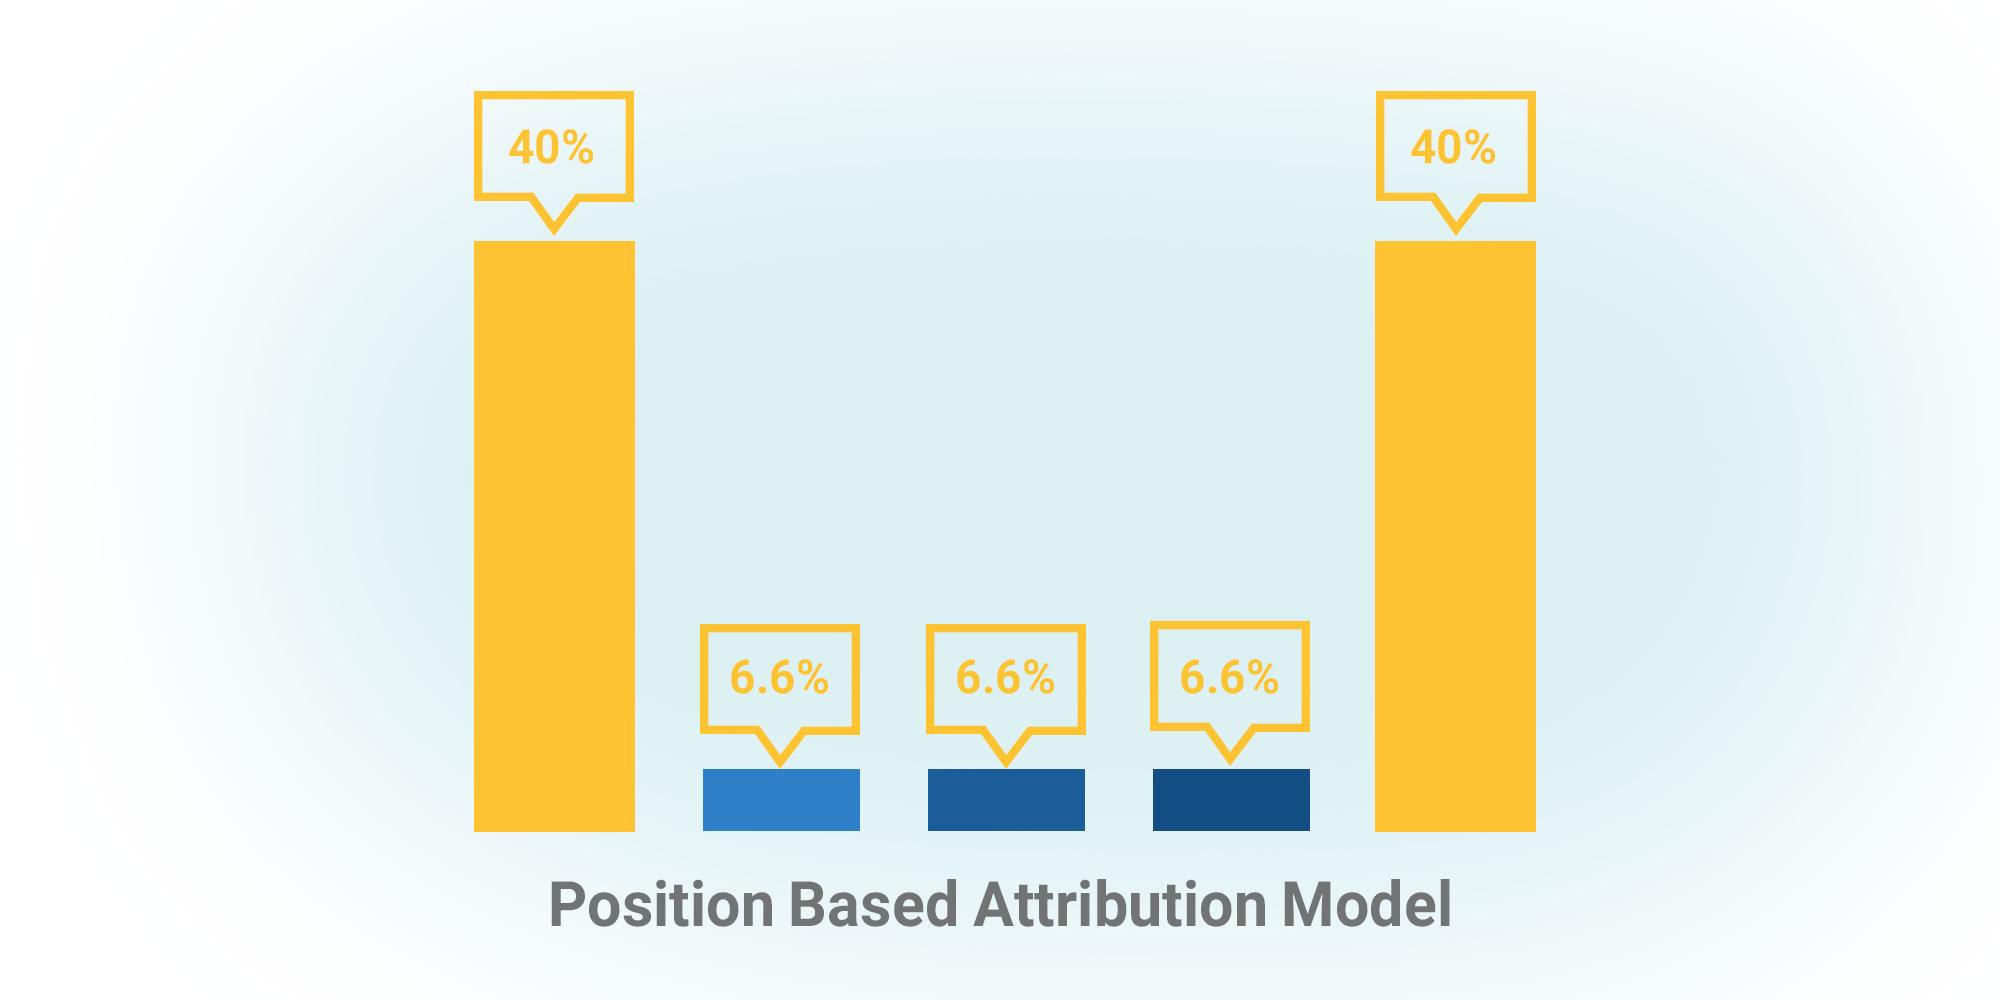 مدل مبتنی بر موقعیت - معیارهای انتخاب attribution